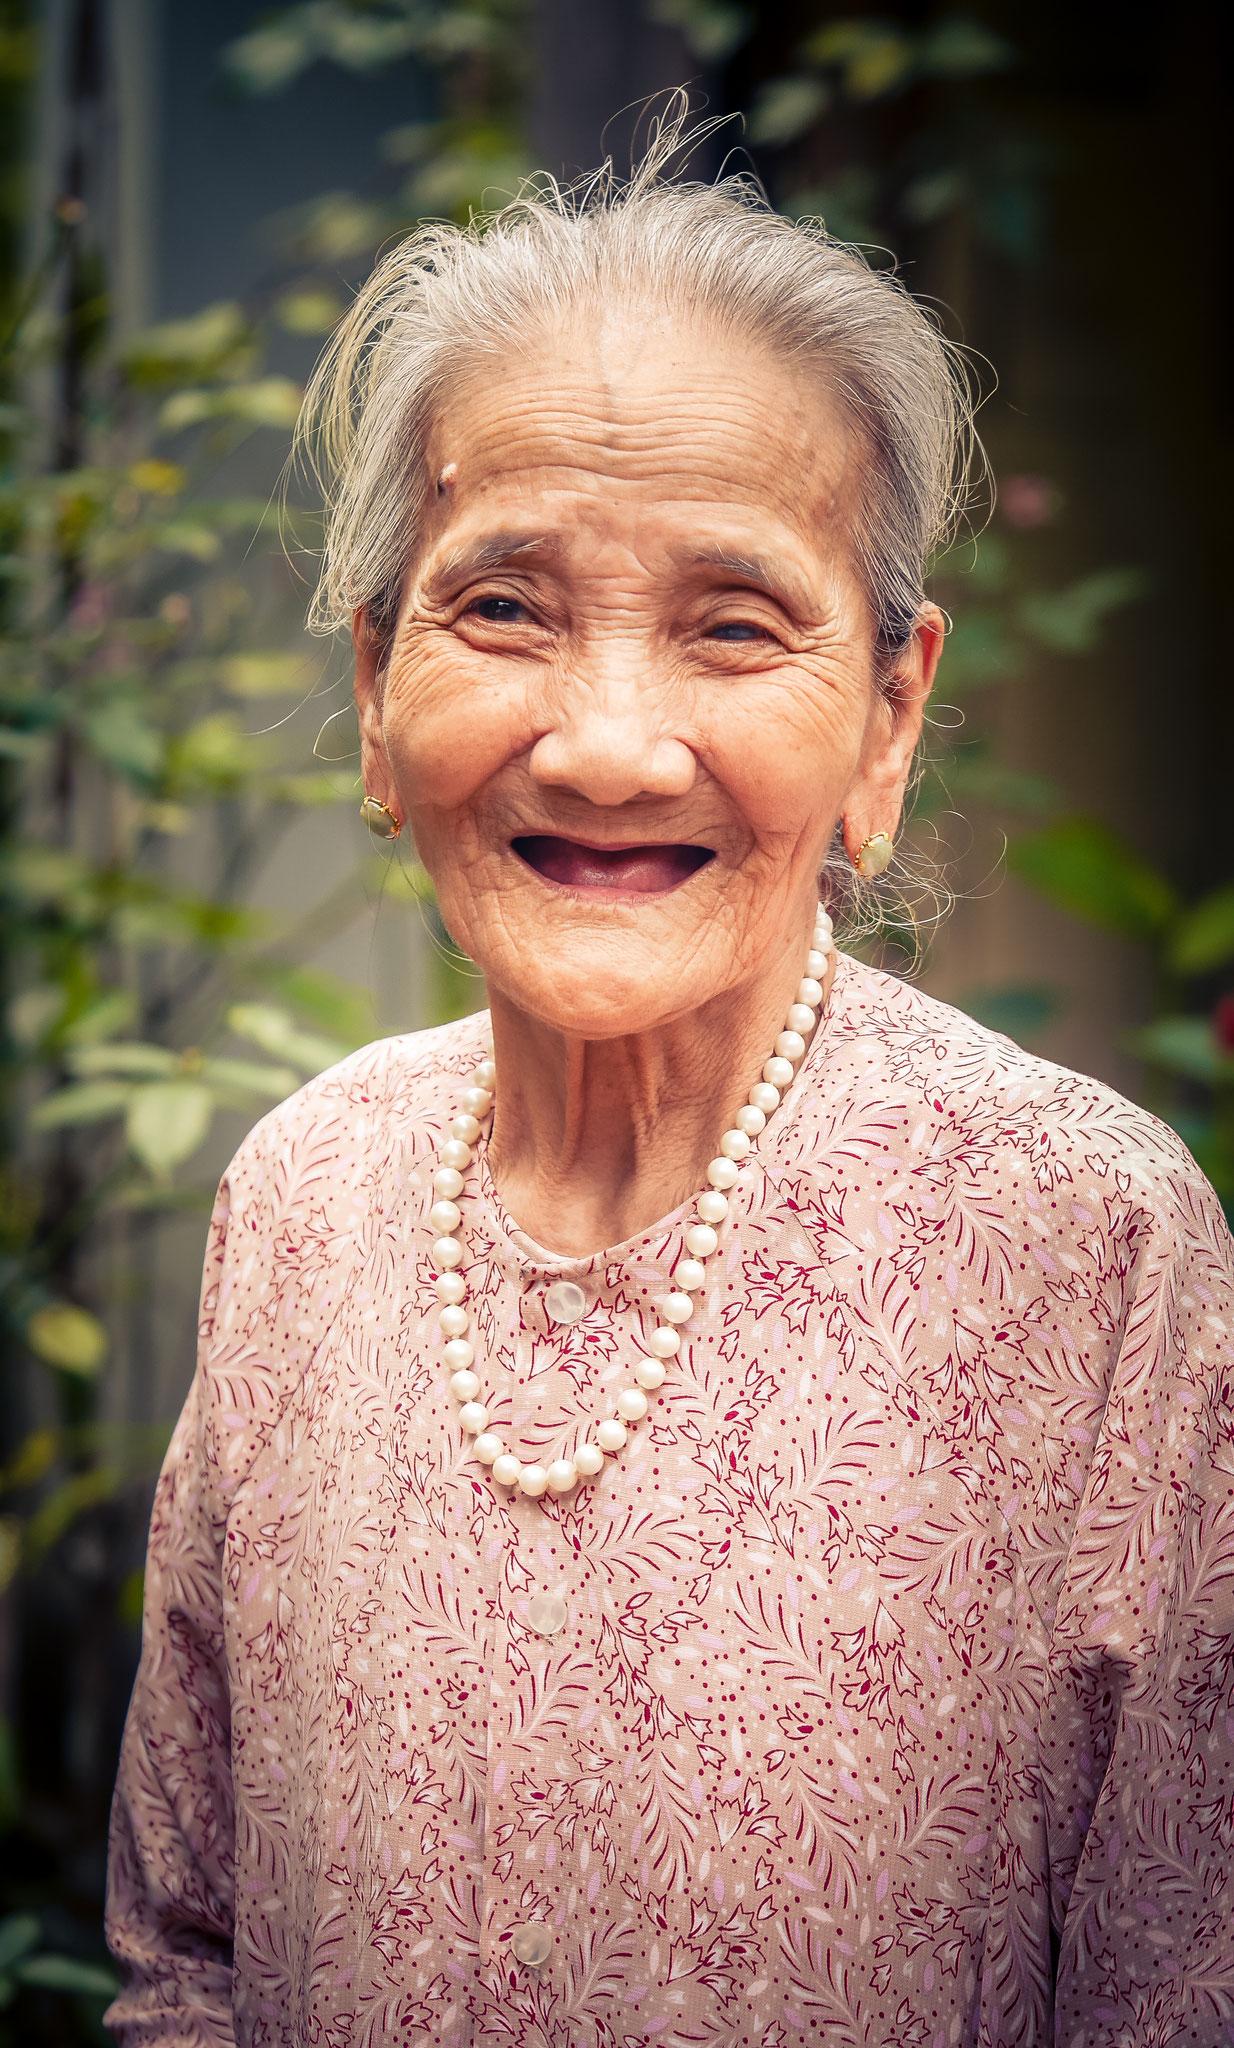 Hue - Besuch in einem Feng Shui Garden - alte Frau ist 93 Jahre